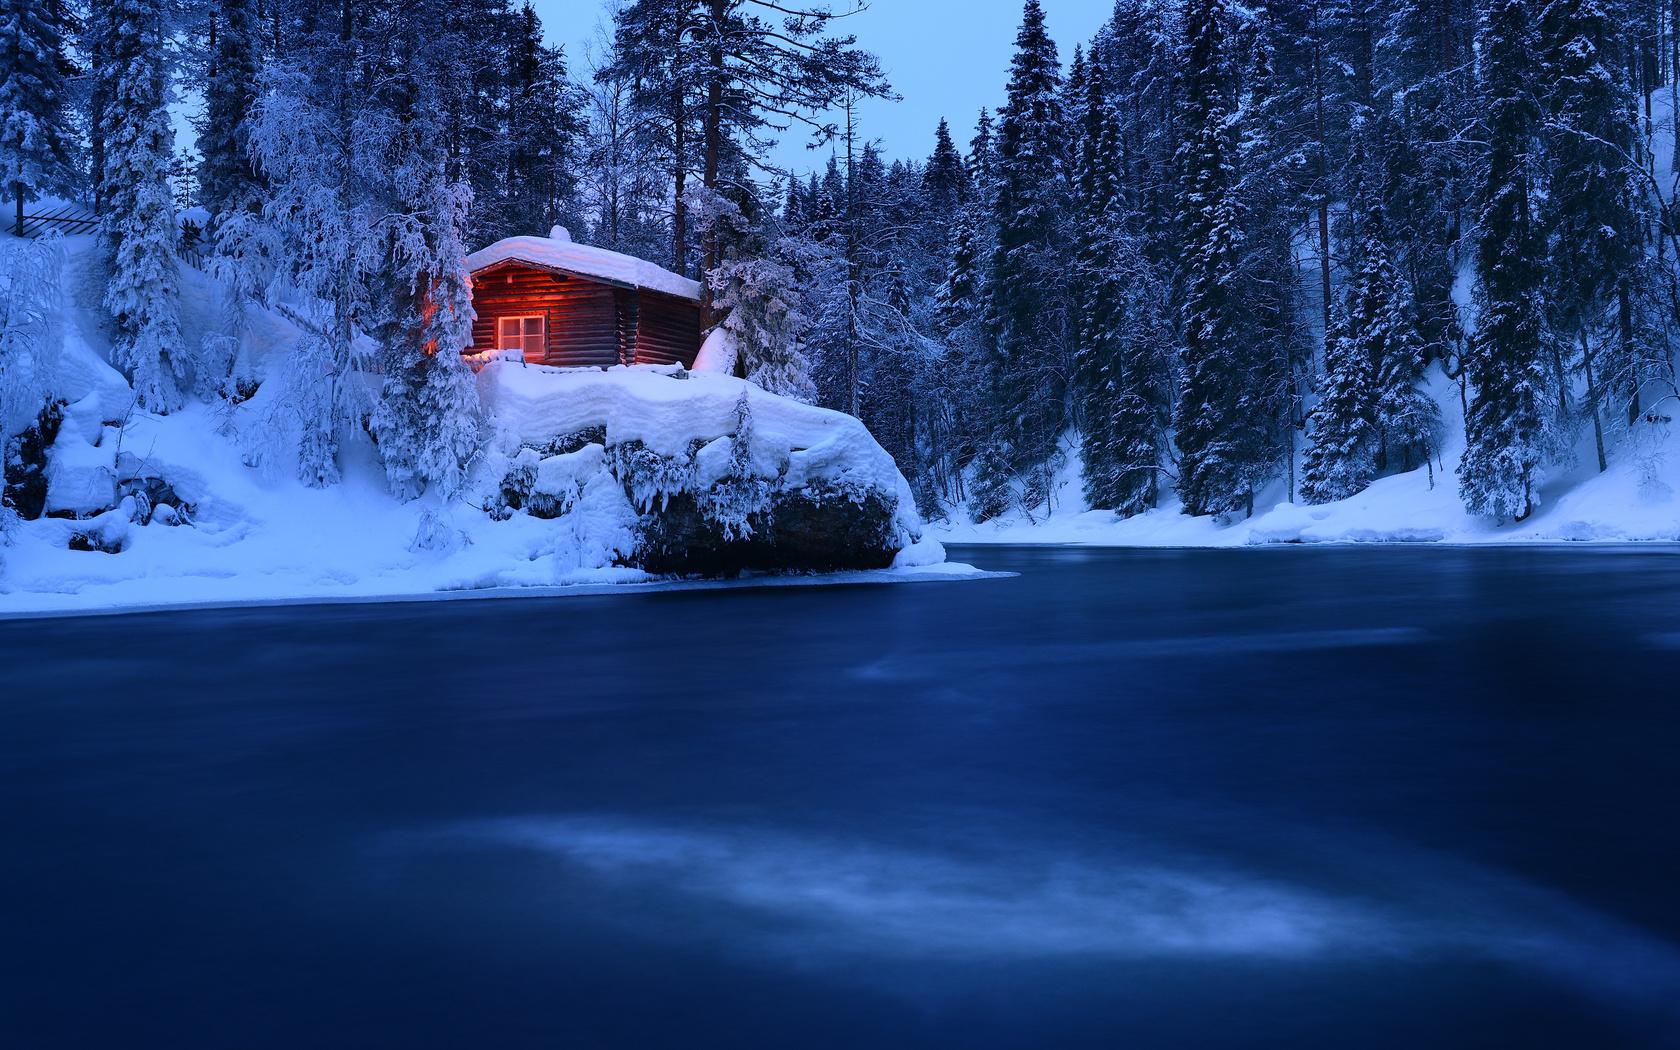 природа, пейзаж, зима, лес, снег, деревья, река, избушка, хижина, финляндия, максим евдокимов, oulankajoki river, река оуланкайоки, oulanka national park, национальный парк оуланка